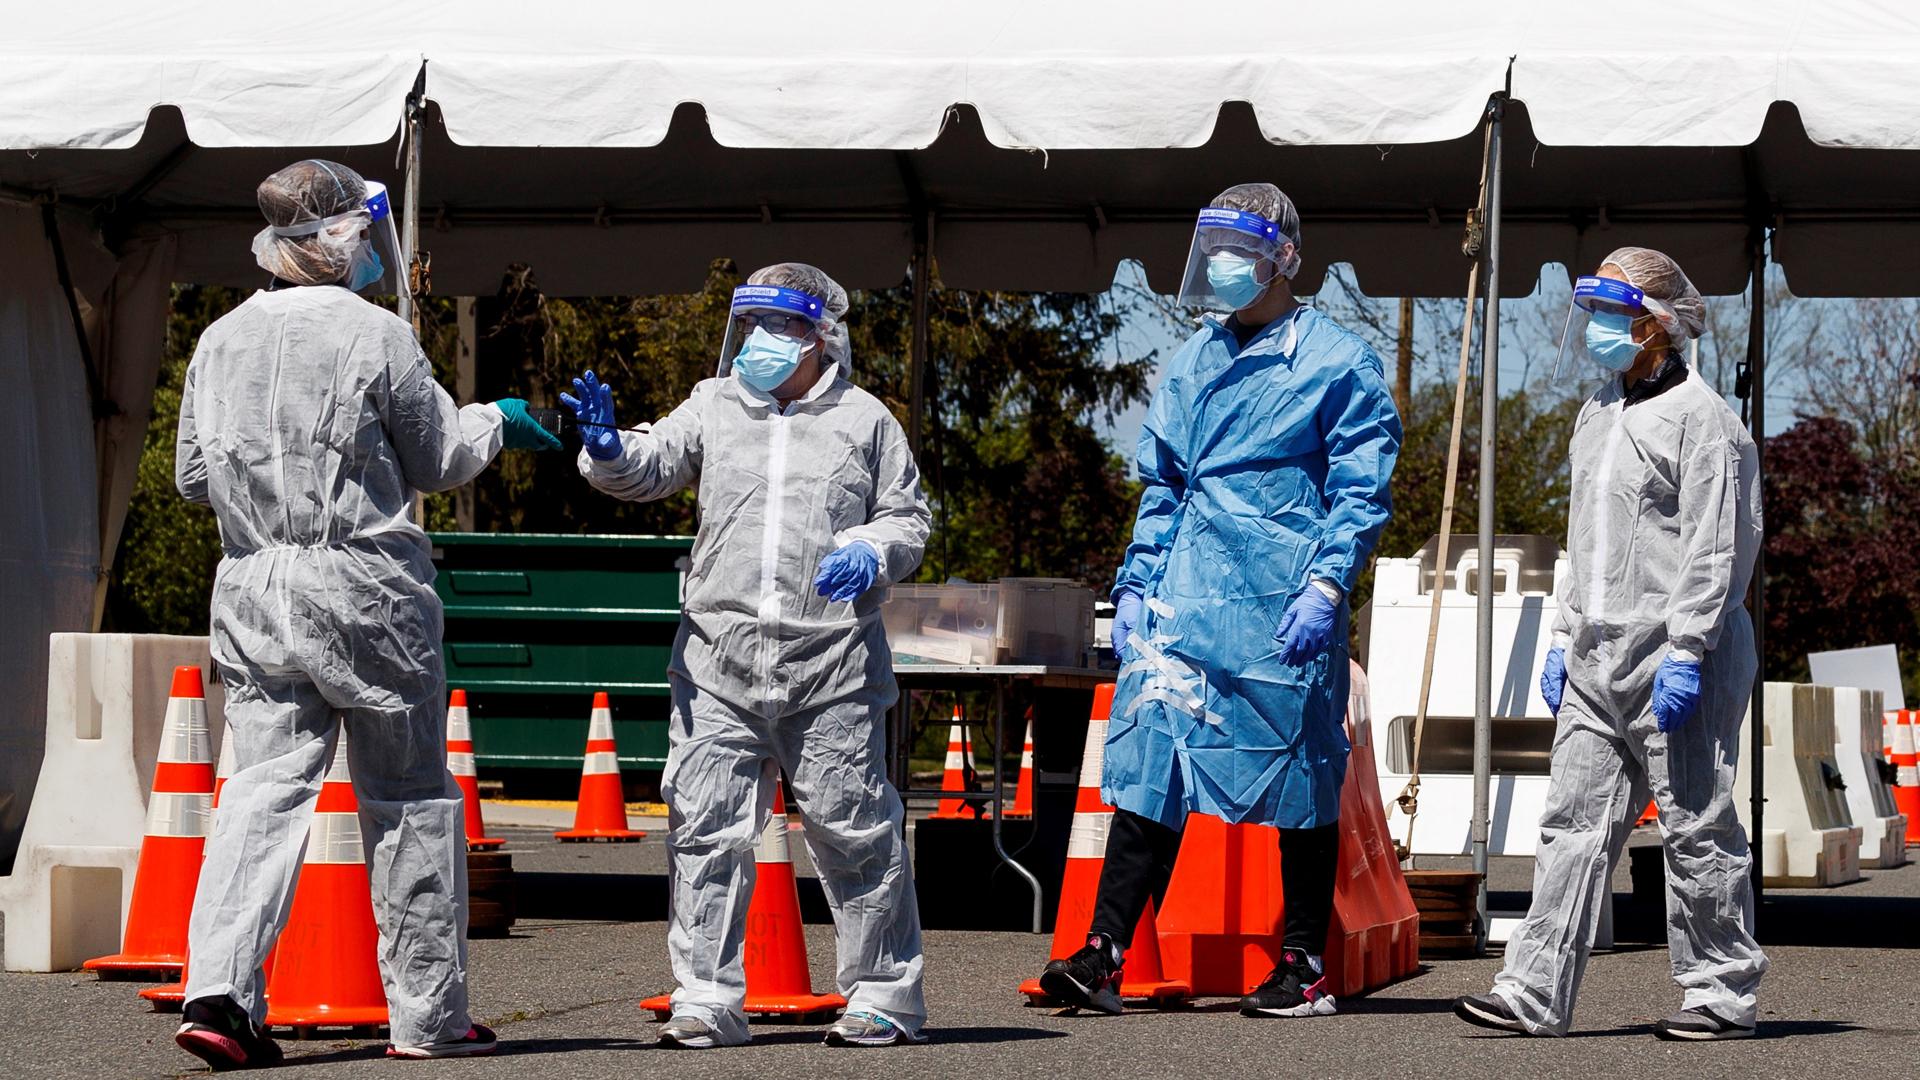 ¿337 mexicanos con coronavirus y 827 muertos en EE.UU.? Explica Gatell